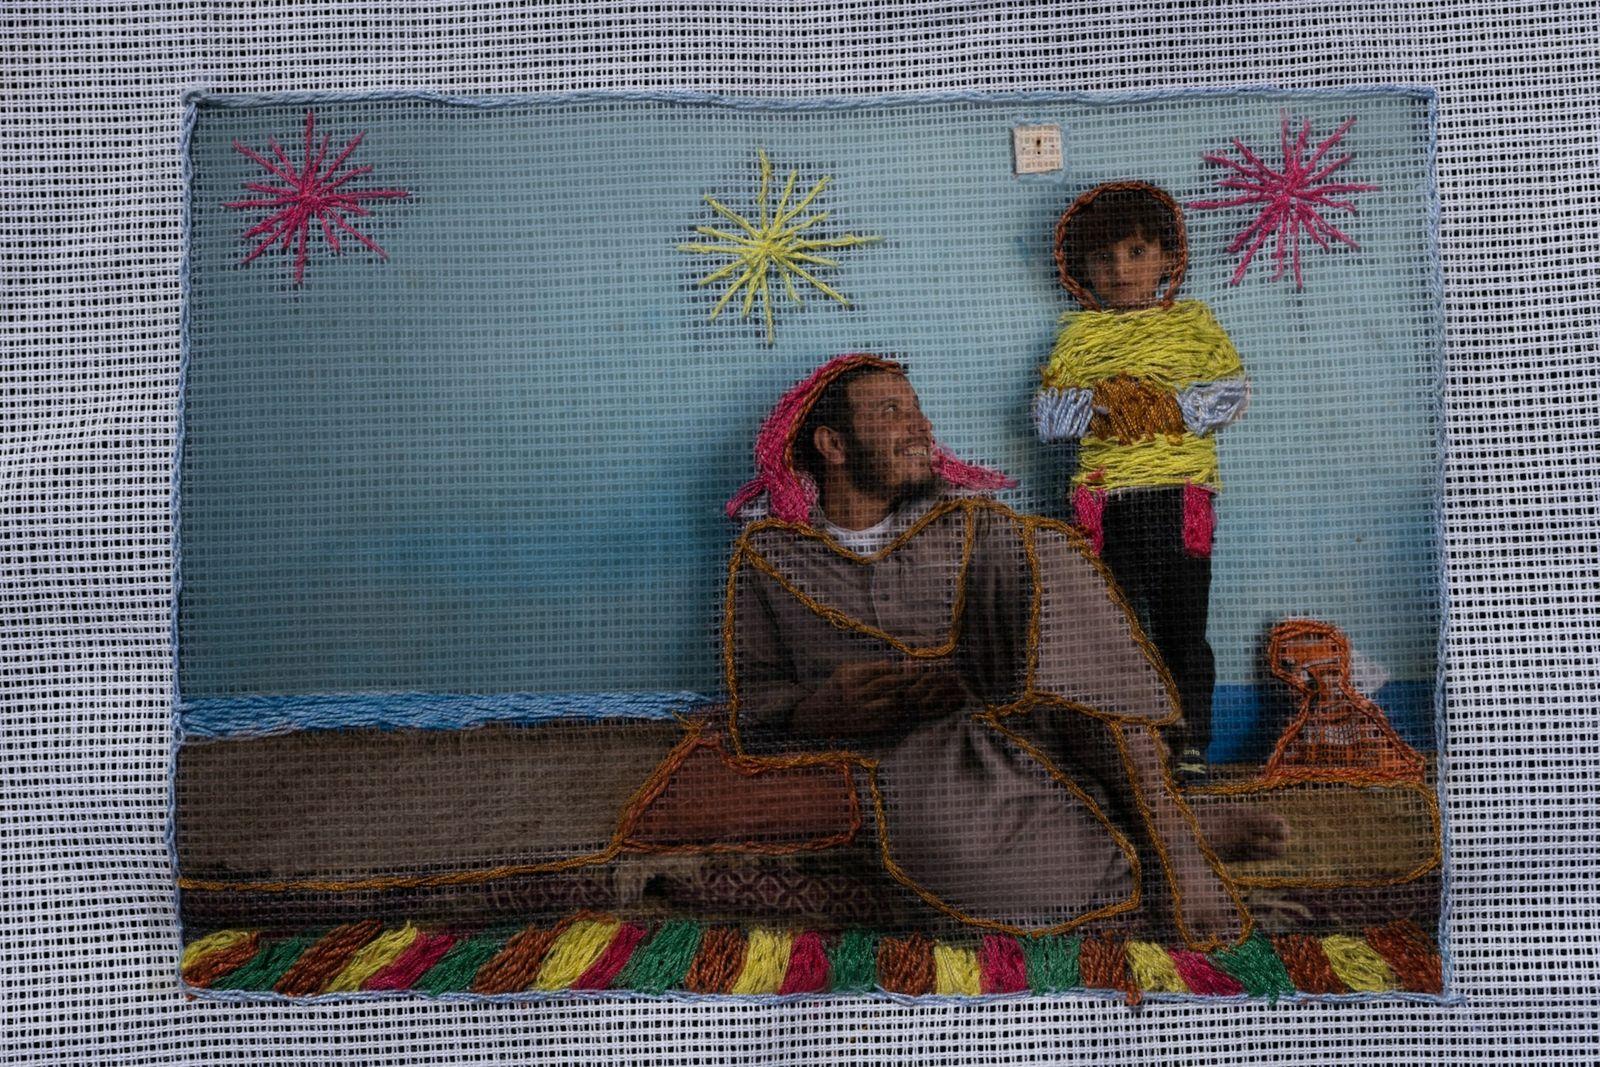 Una fotografía bordada por Nora Oum Jamil de su marido Ashraf y su hijo Jamil